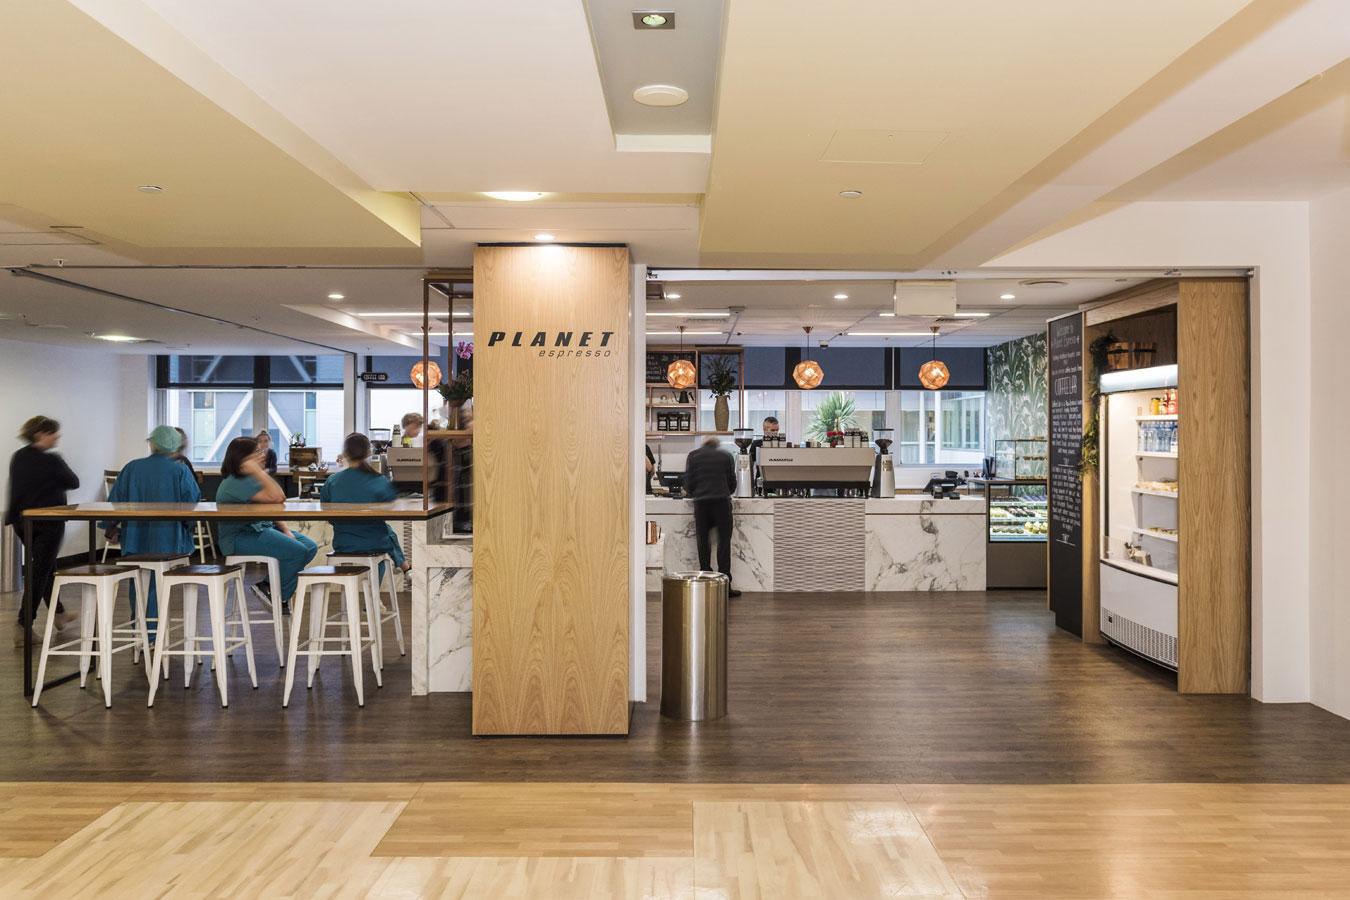 New Boutique Planet Espresso Café opens at Auckland City Hospital